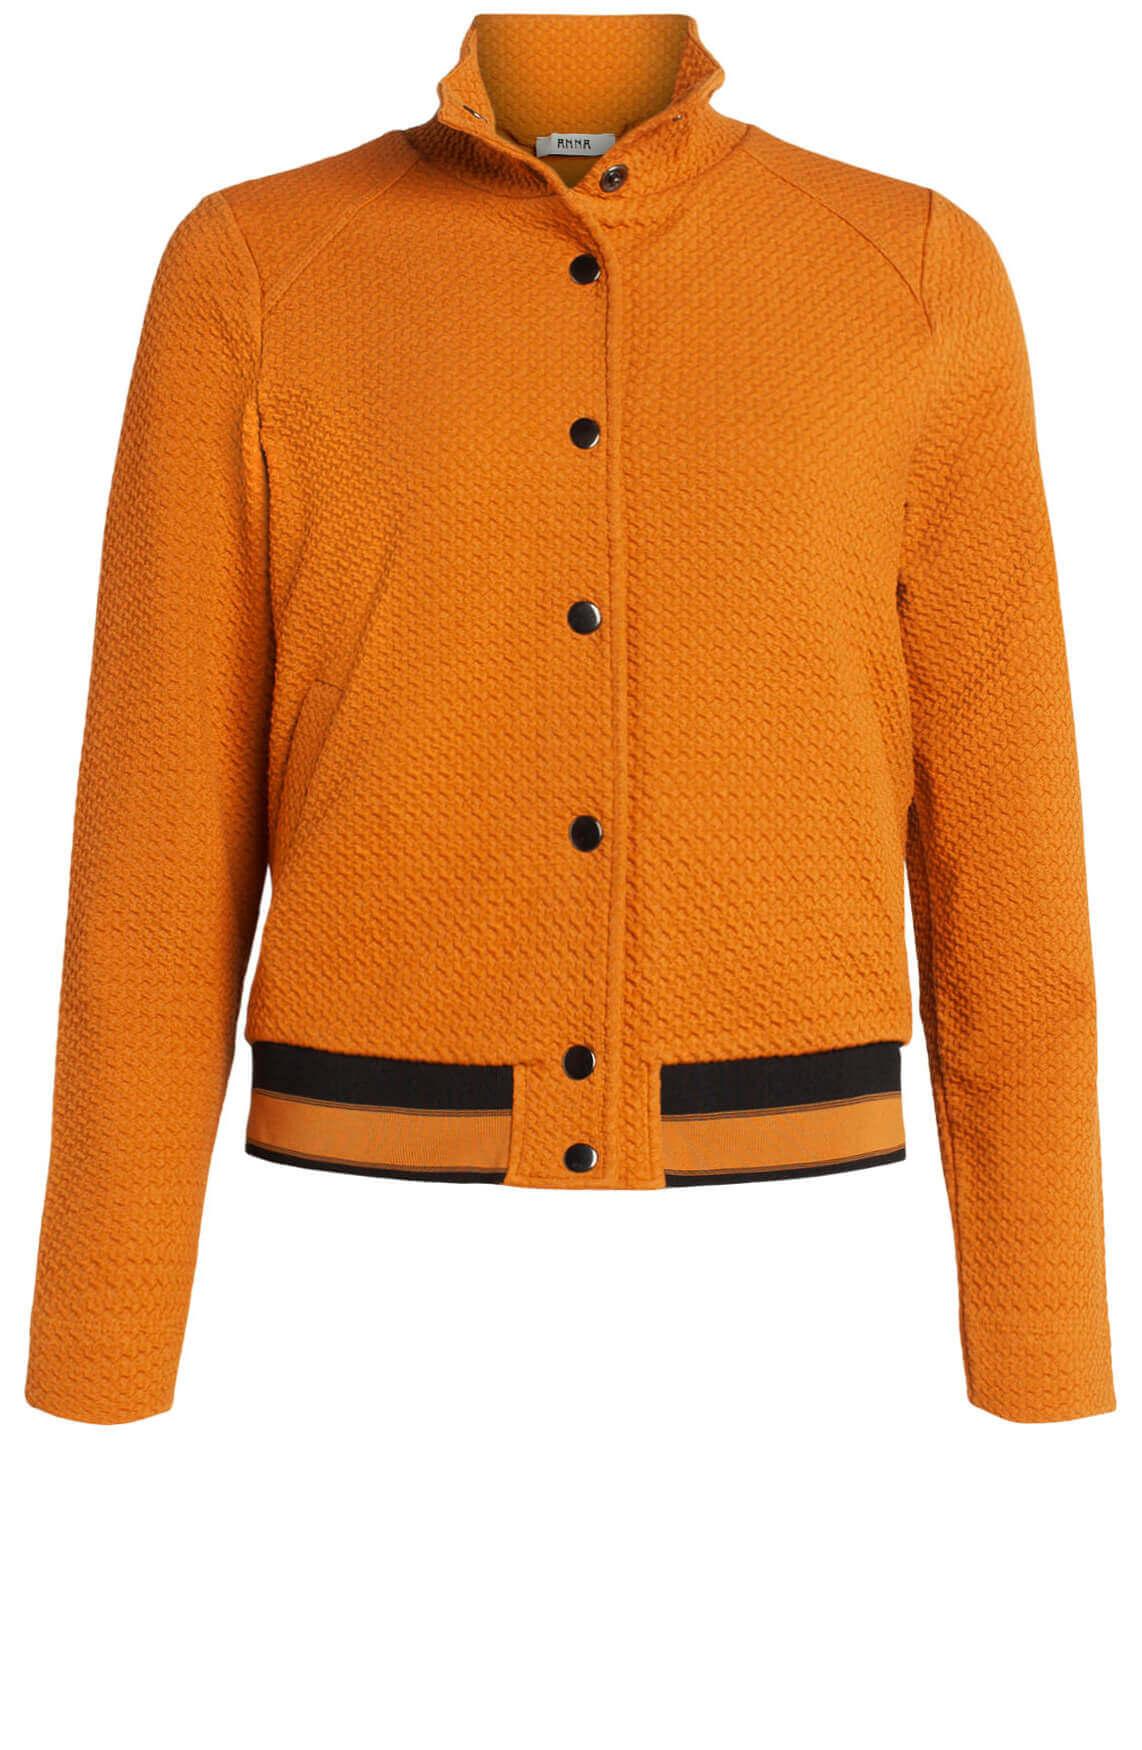 Anna Dames Vest met drukknopen Oranje